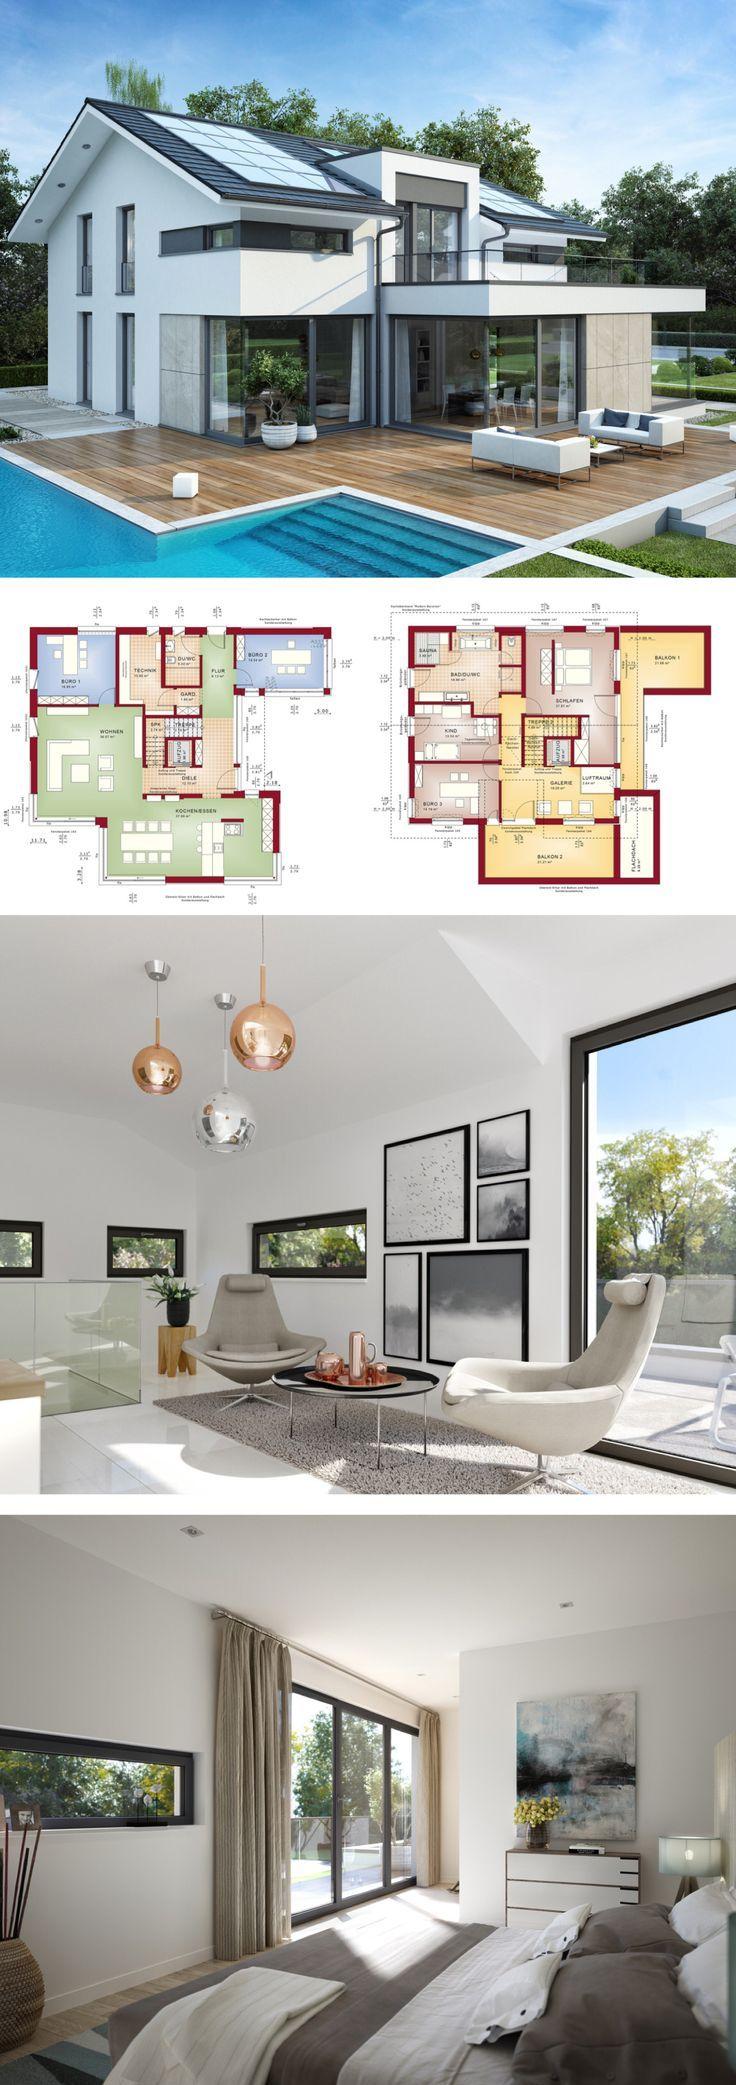 Design Haus modern mit Satteldach Architektur, Galerie & Büro Anbau – Einfamilienhaus bauen Grundriss Fertighaus Concept-M 211 Bien Zenker Hausbau Ideen – HausbauDirekt.de